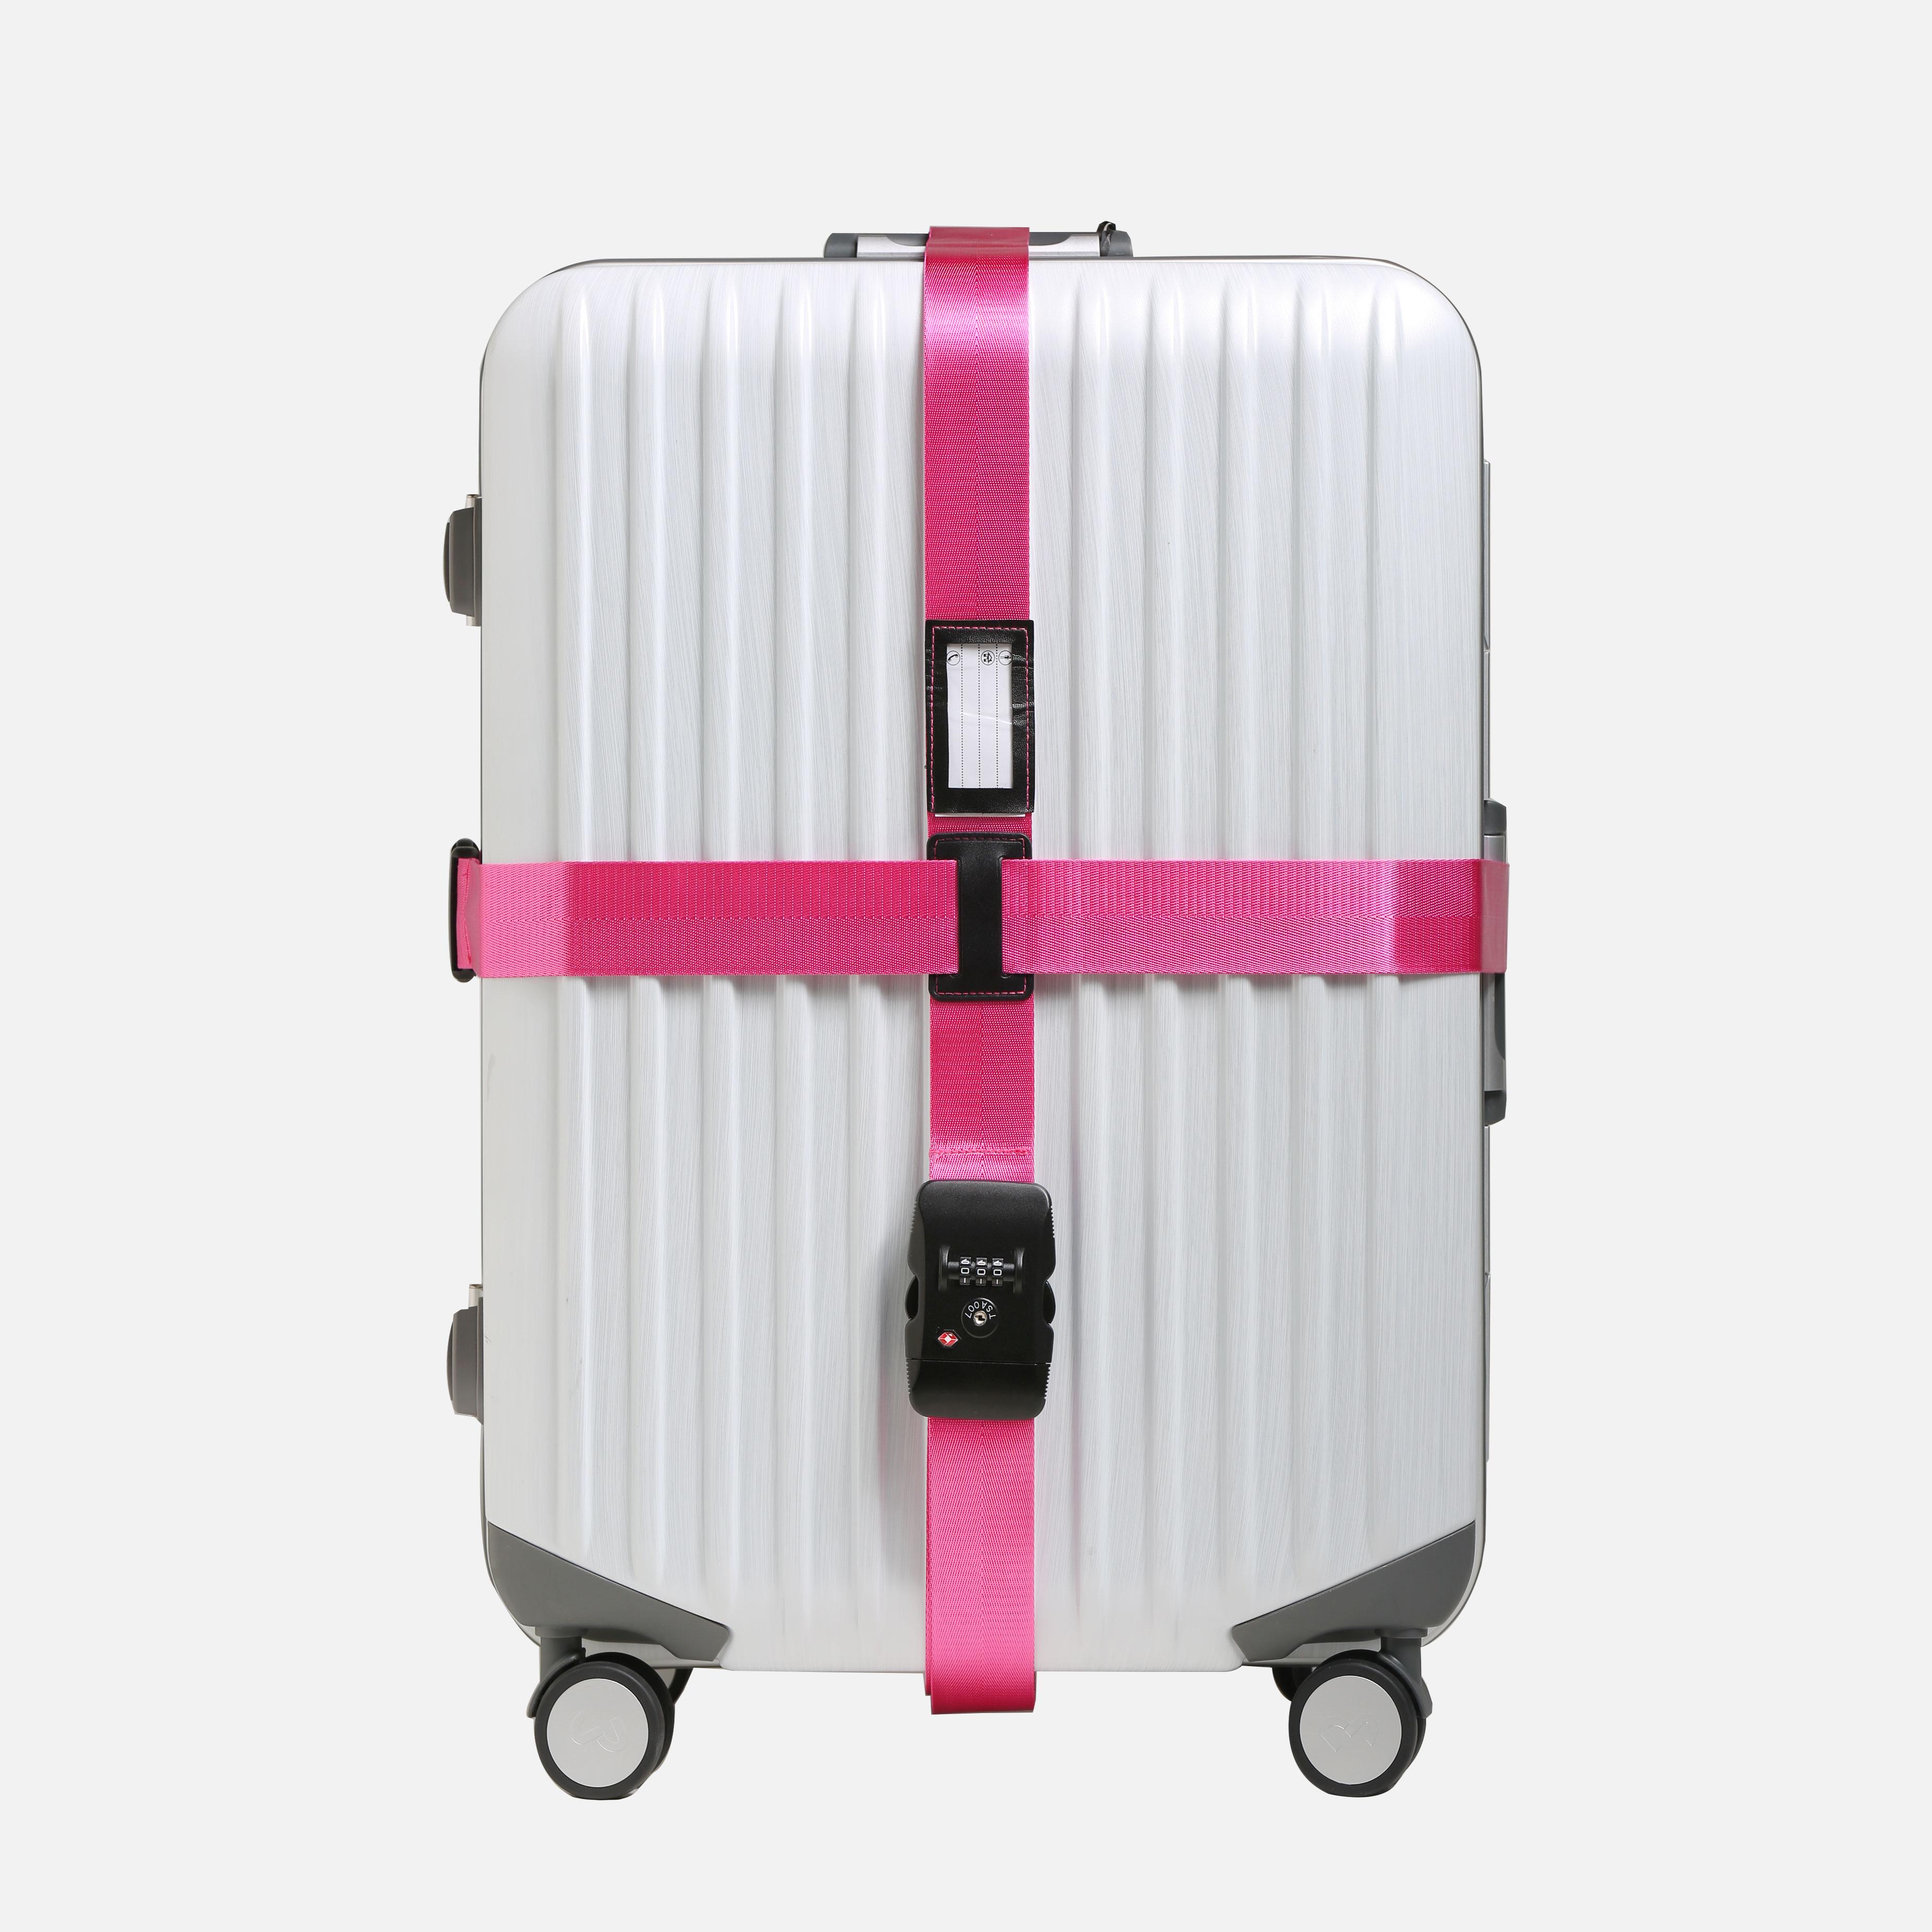 行李箱打包帶 旅行箱海關TSA鎖十字打包帶 拉桿箱密碼鎖捆綁帶